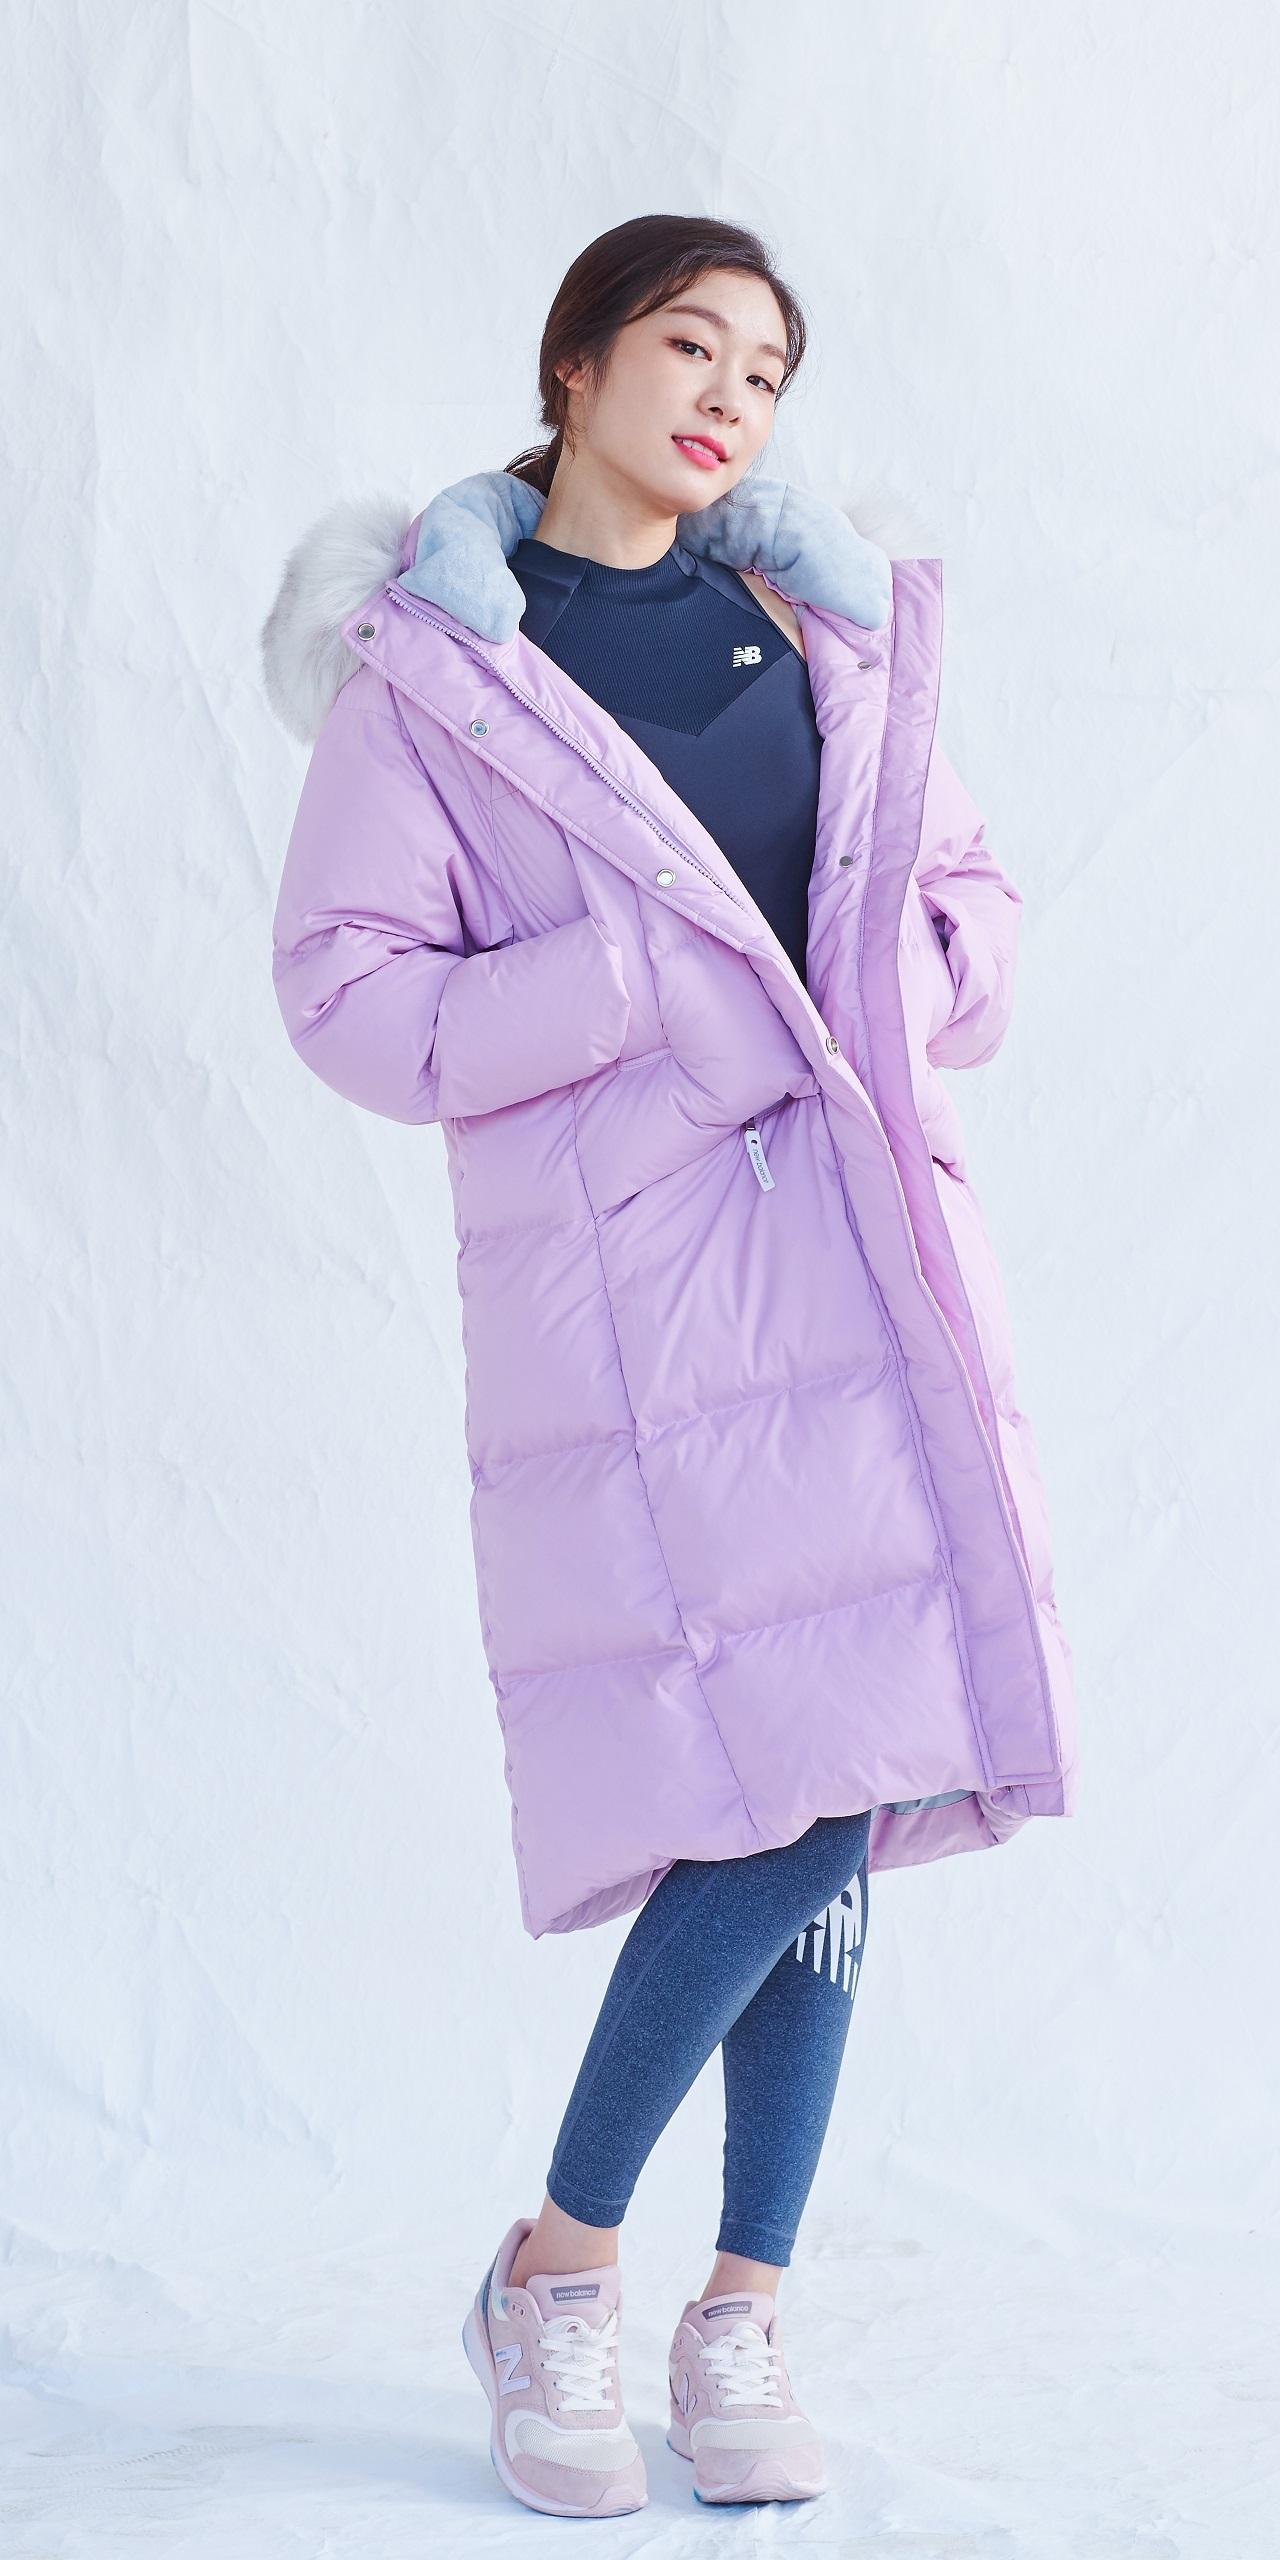 김연아 뉴발란스 2018FW 벨핏 다운